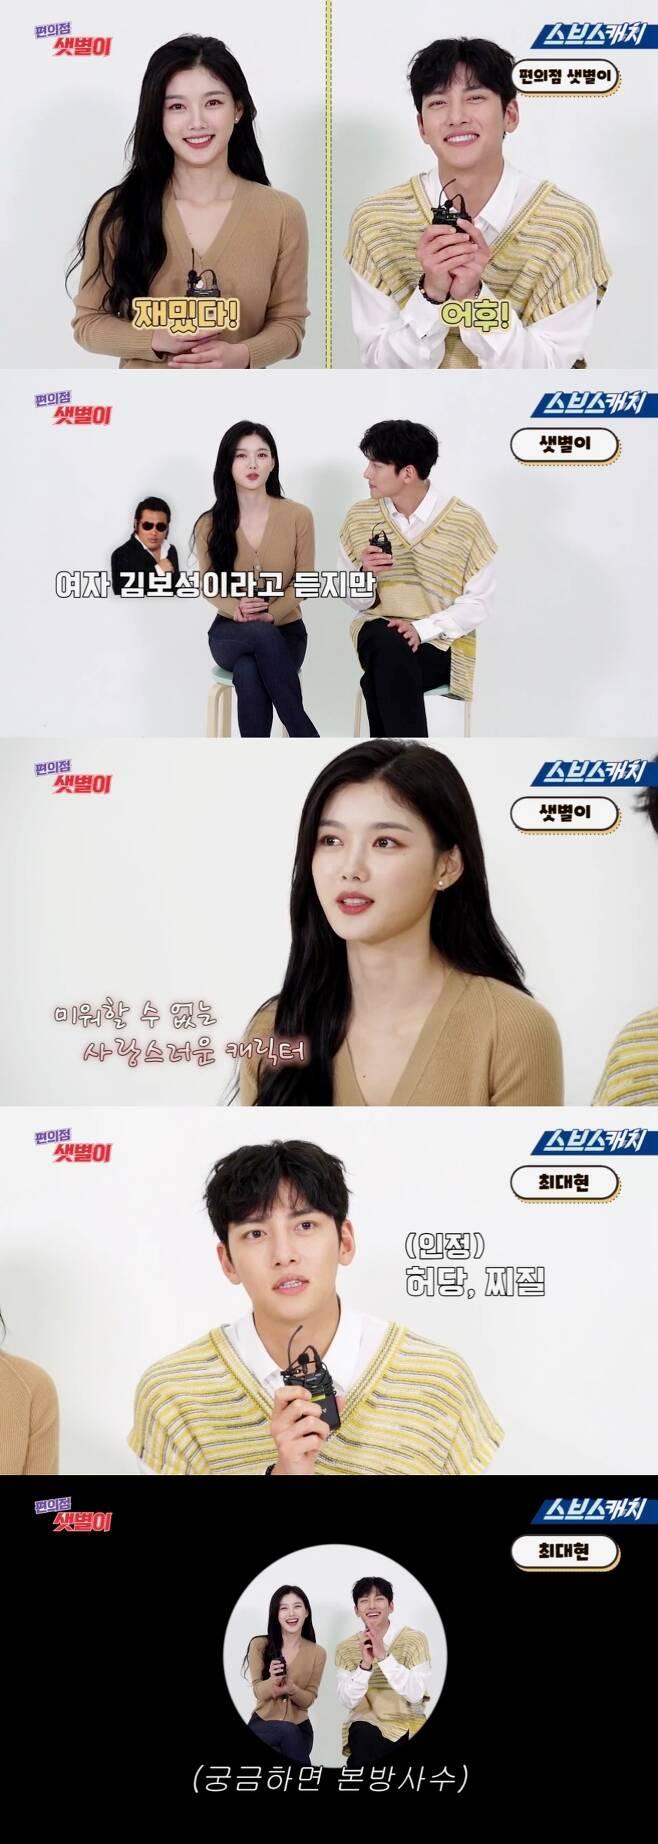 '편의점 샛별이' 지창욱, 김유정 인터뷰가 공개됐다.사진=SBS 제공